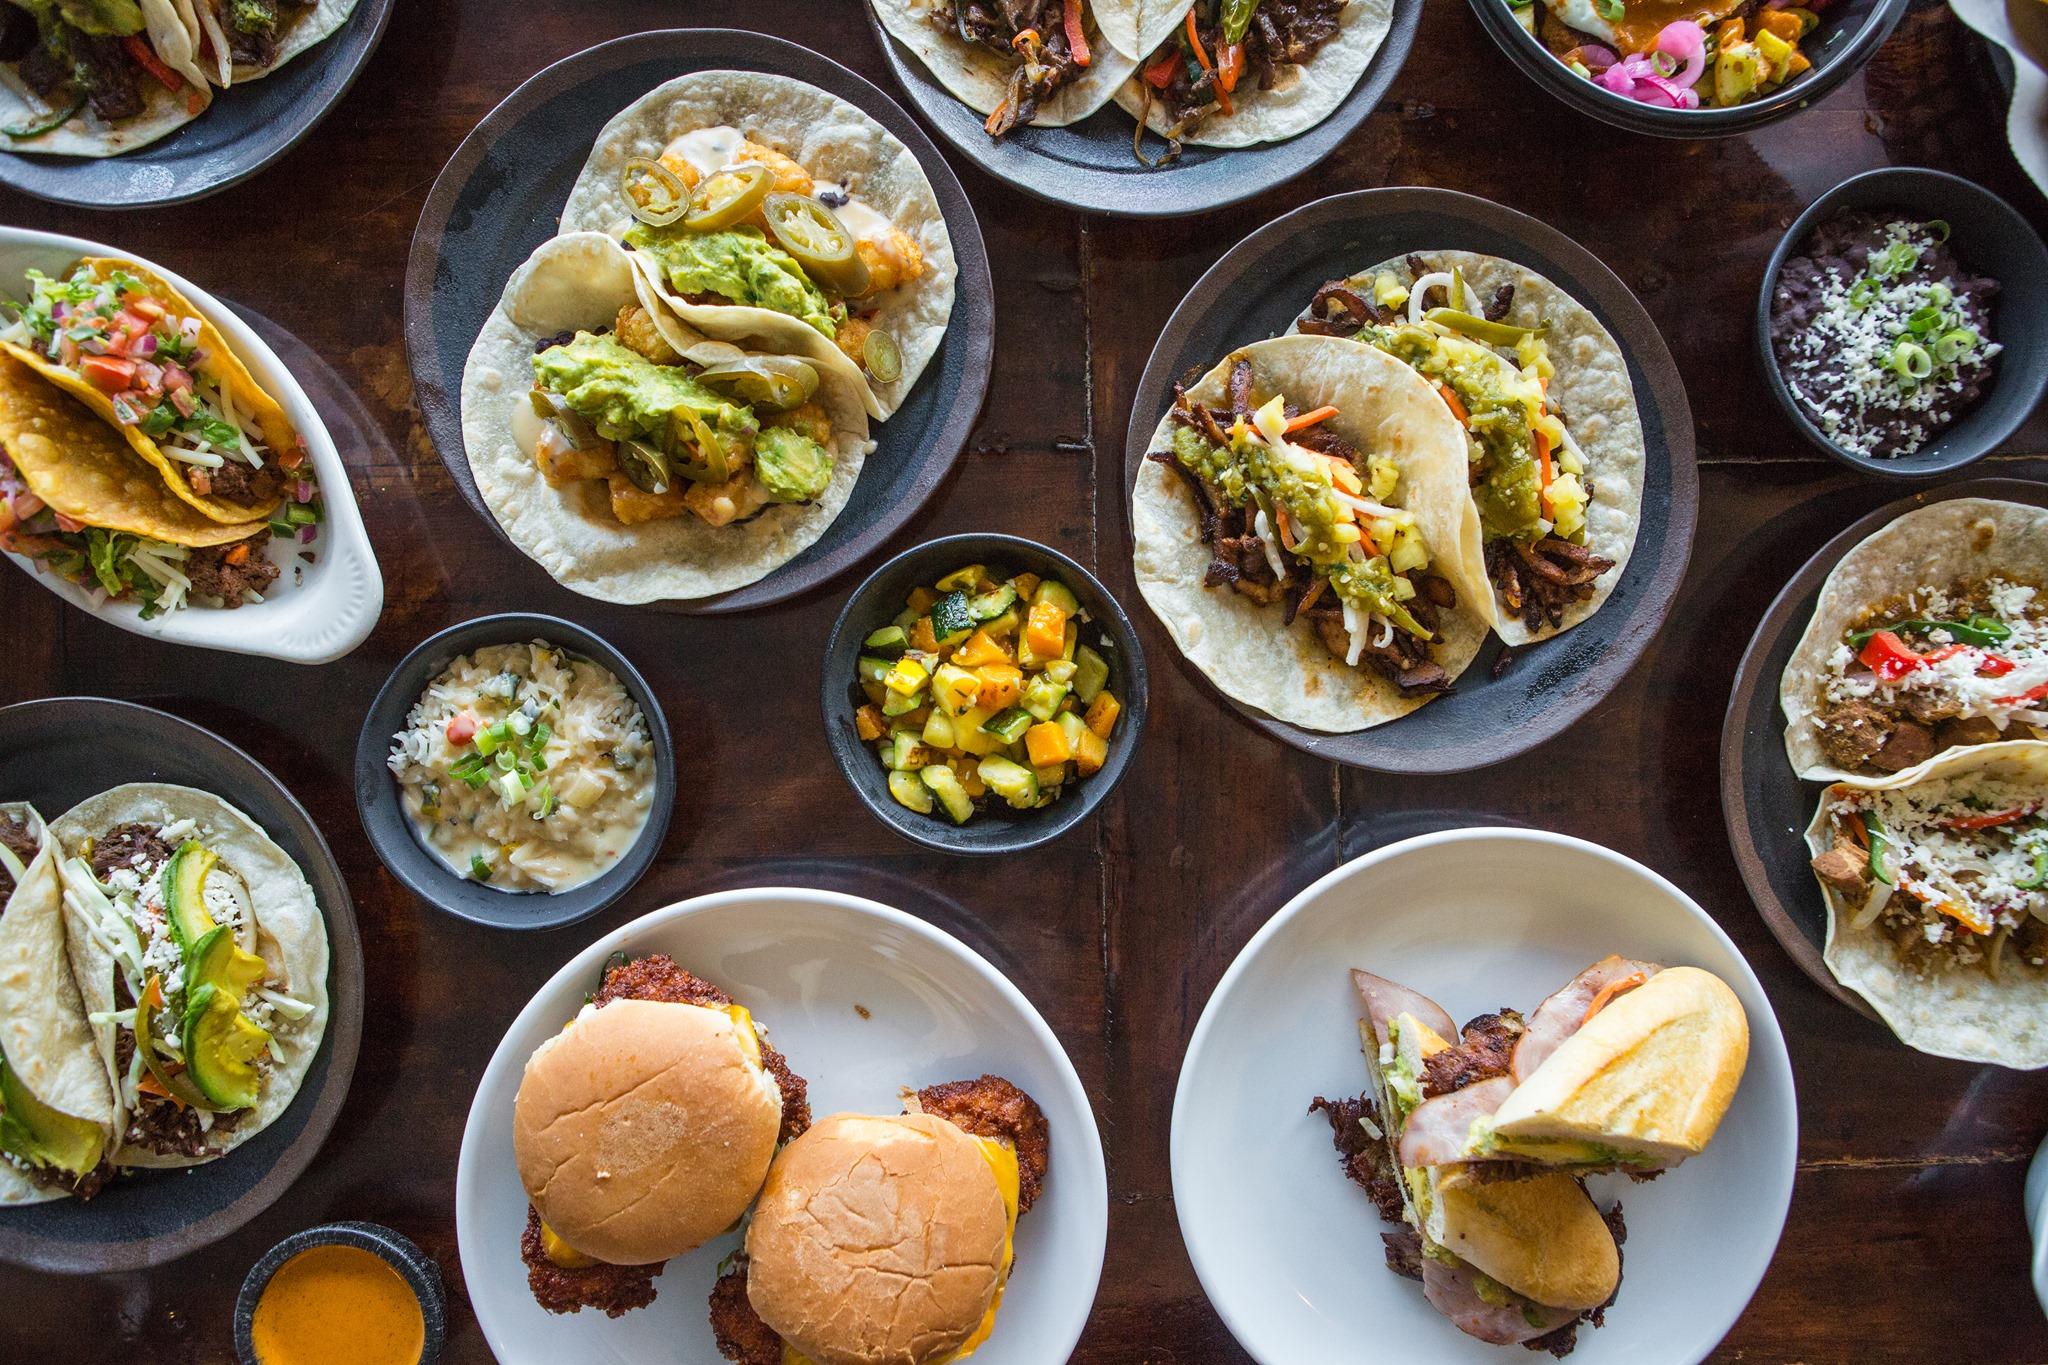 Tacos and tortas from Eldorado Cafe's new restaurant